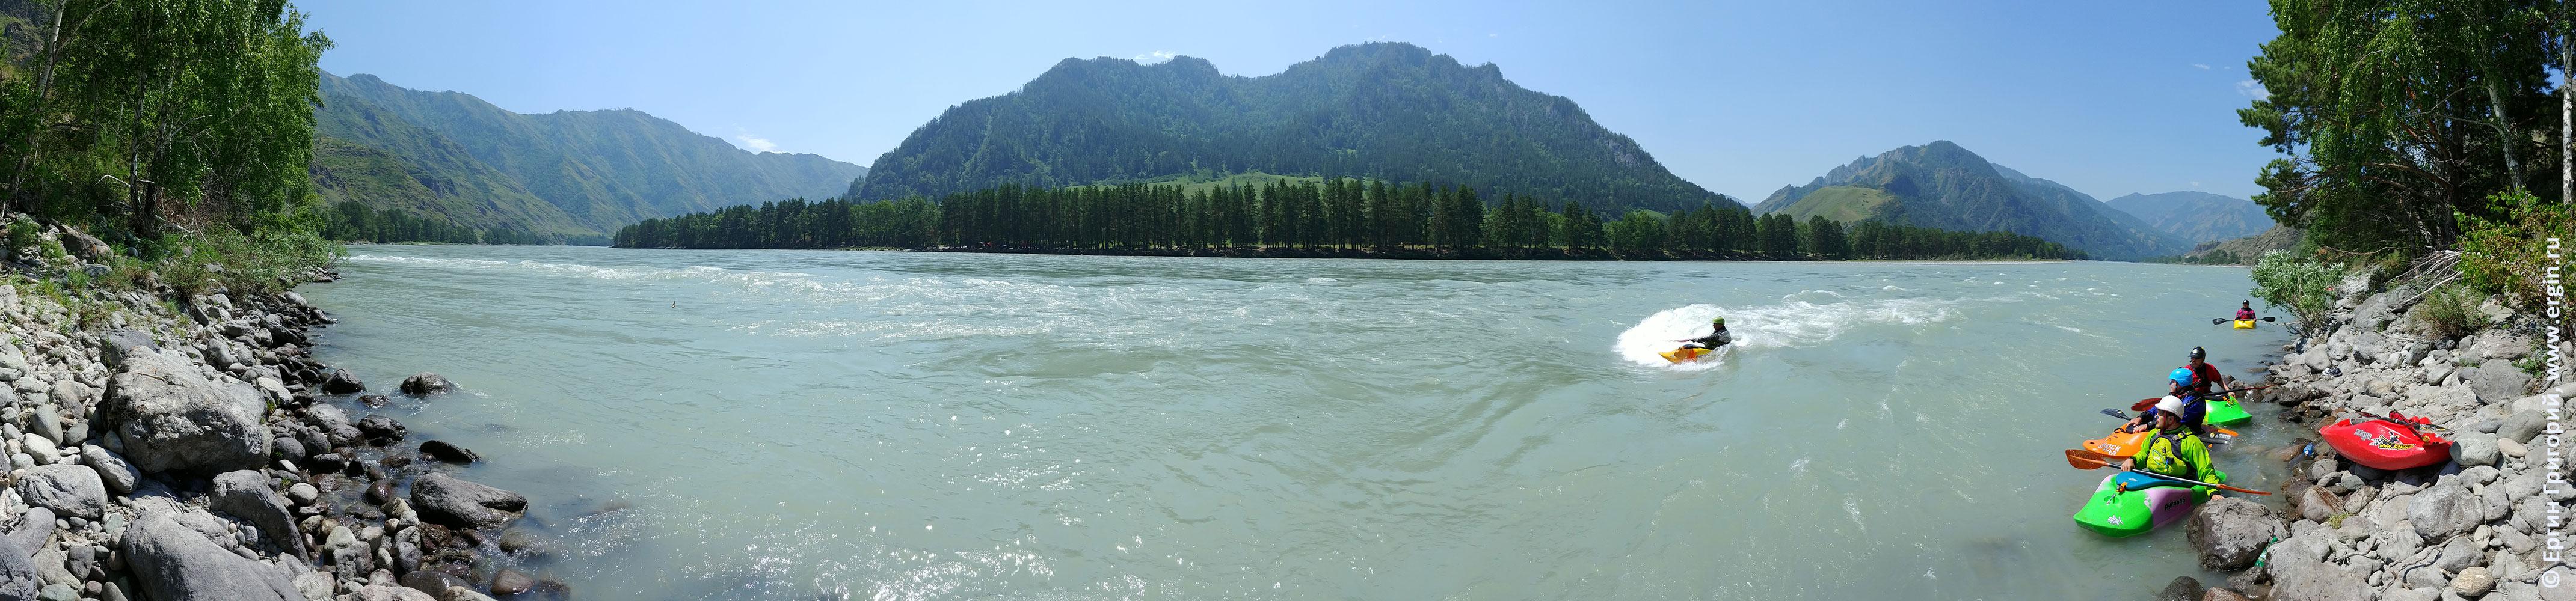 Бийка плейспот на реке Катуни на Алтае для фристайла на бурной воде